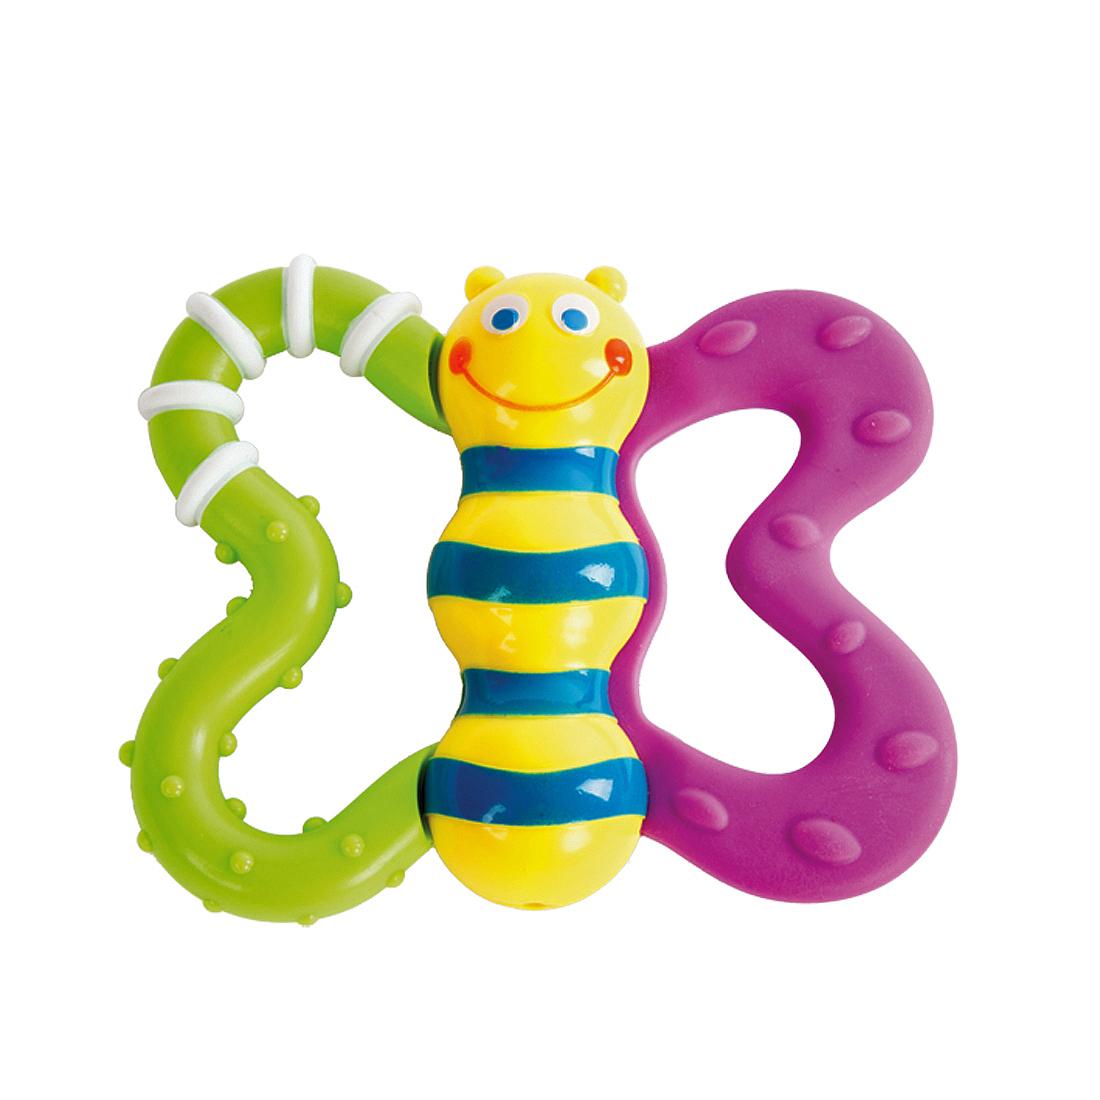 Погремушки Жирафики Развивающая игрушка Жирафики «Бабочка» подвесные игрушки жирафики бабочка 93848